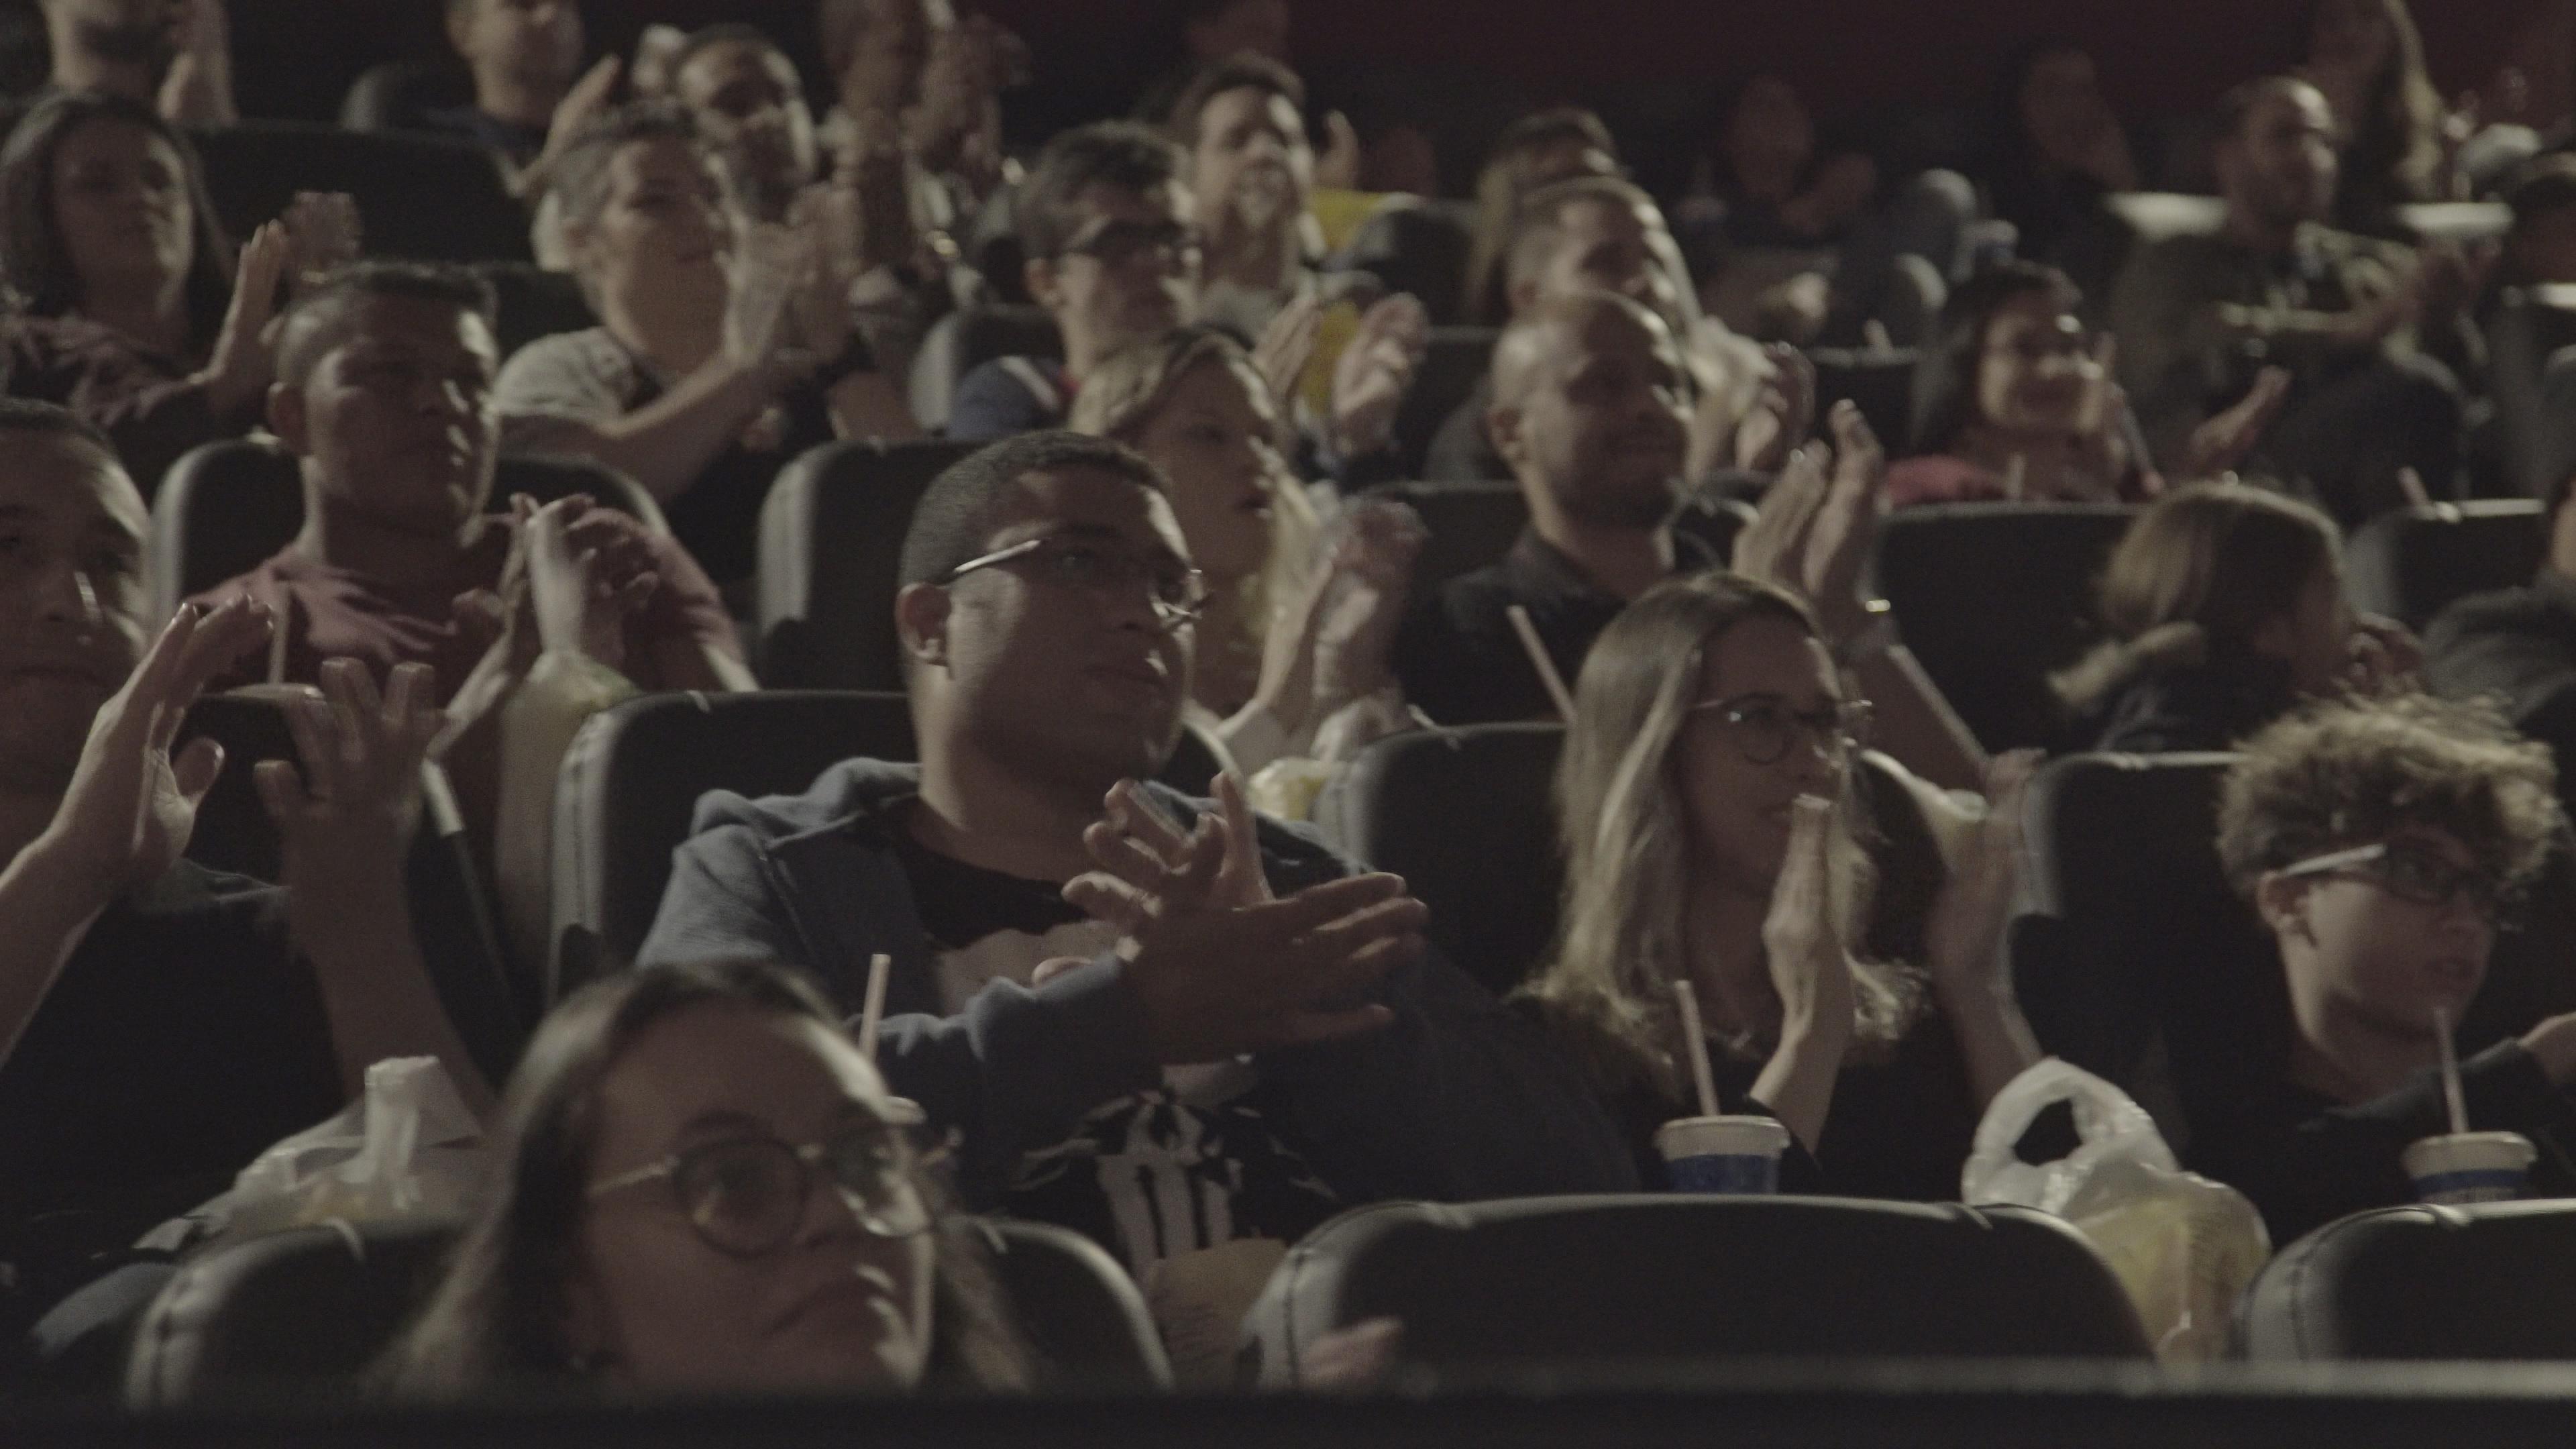 Cineart homenageia bombeiros